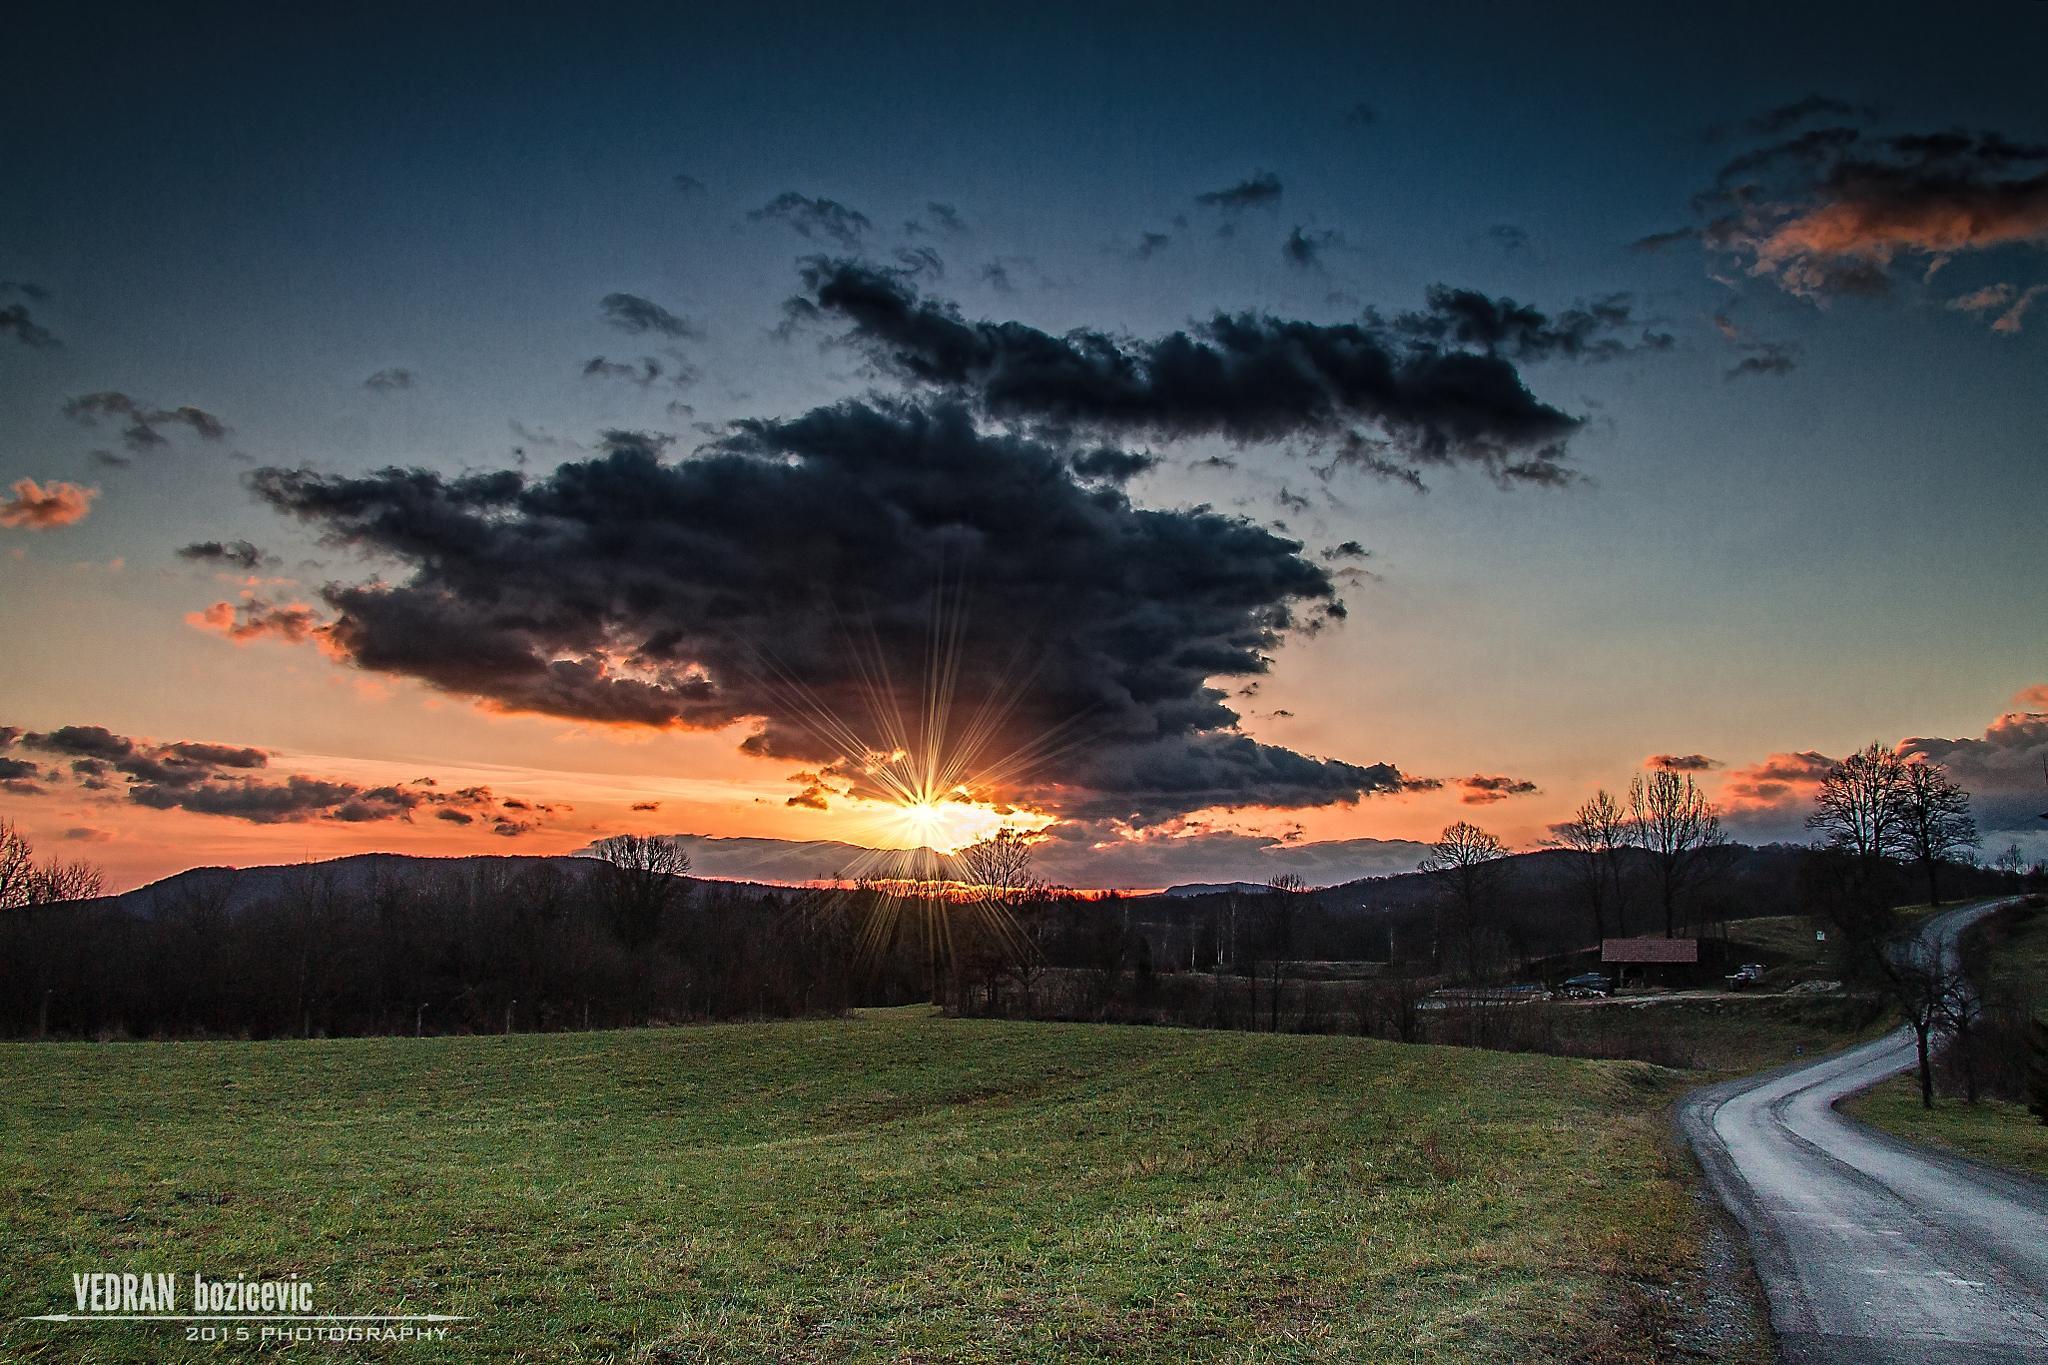 Sunrise in SLunj by Vedran